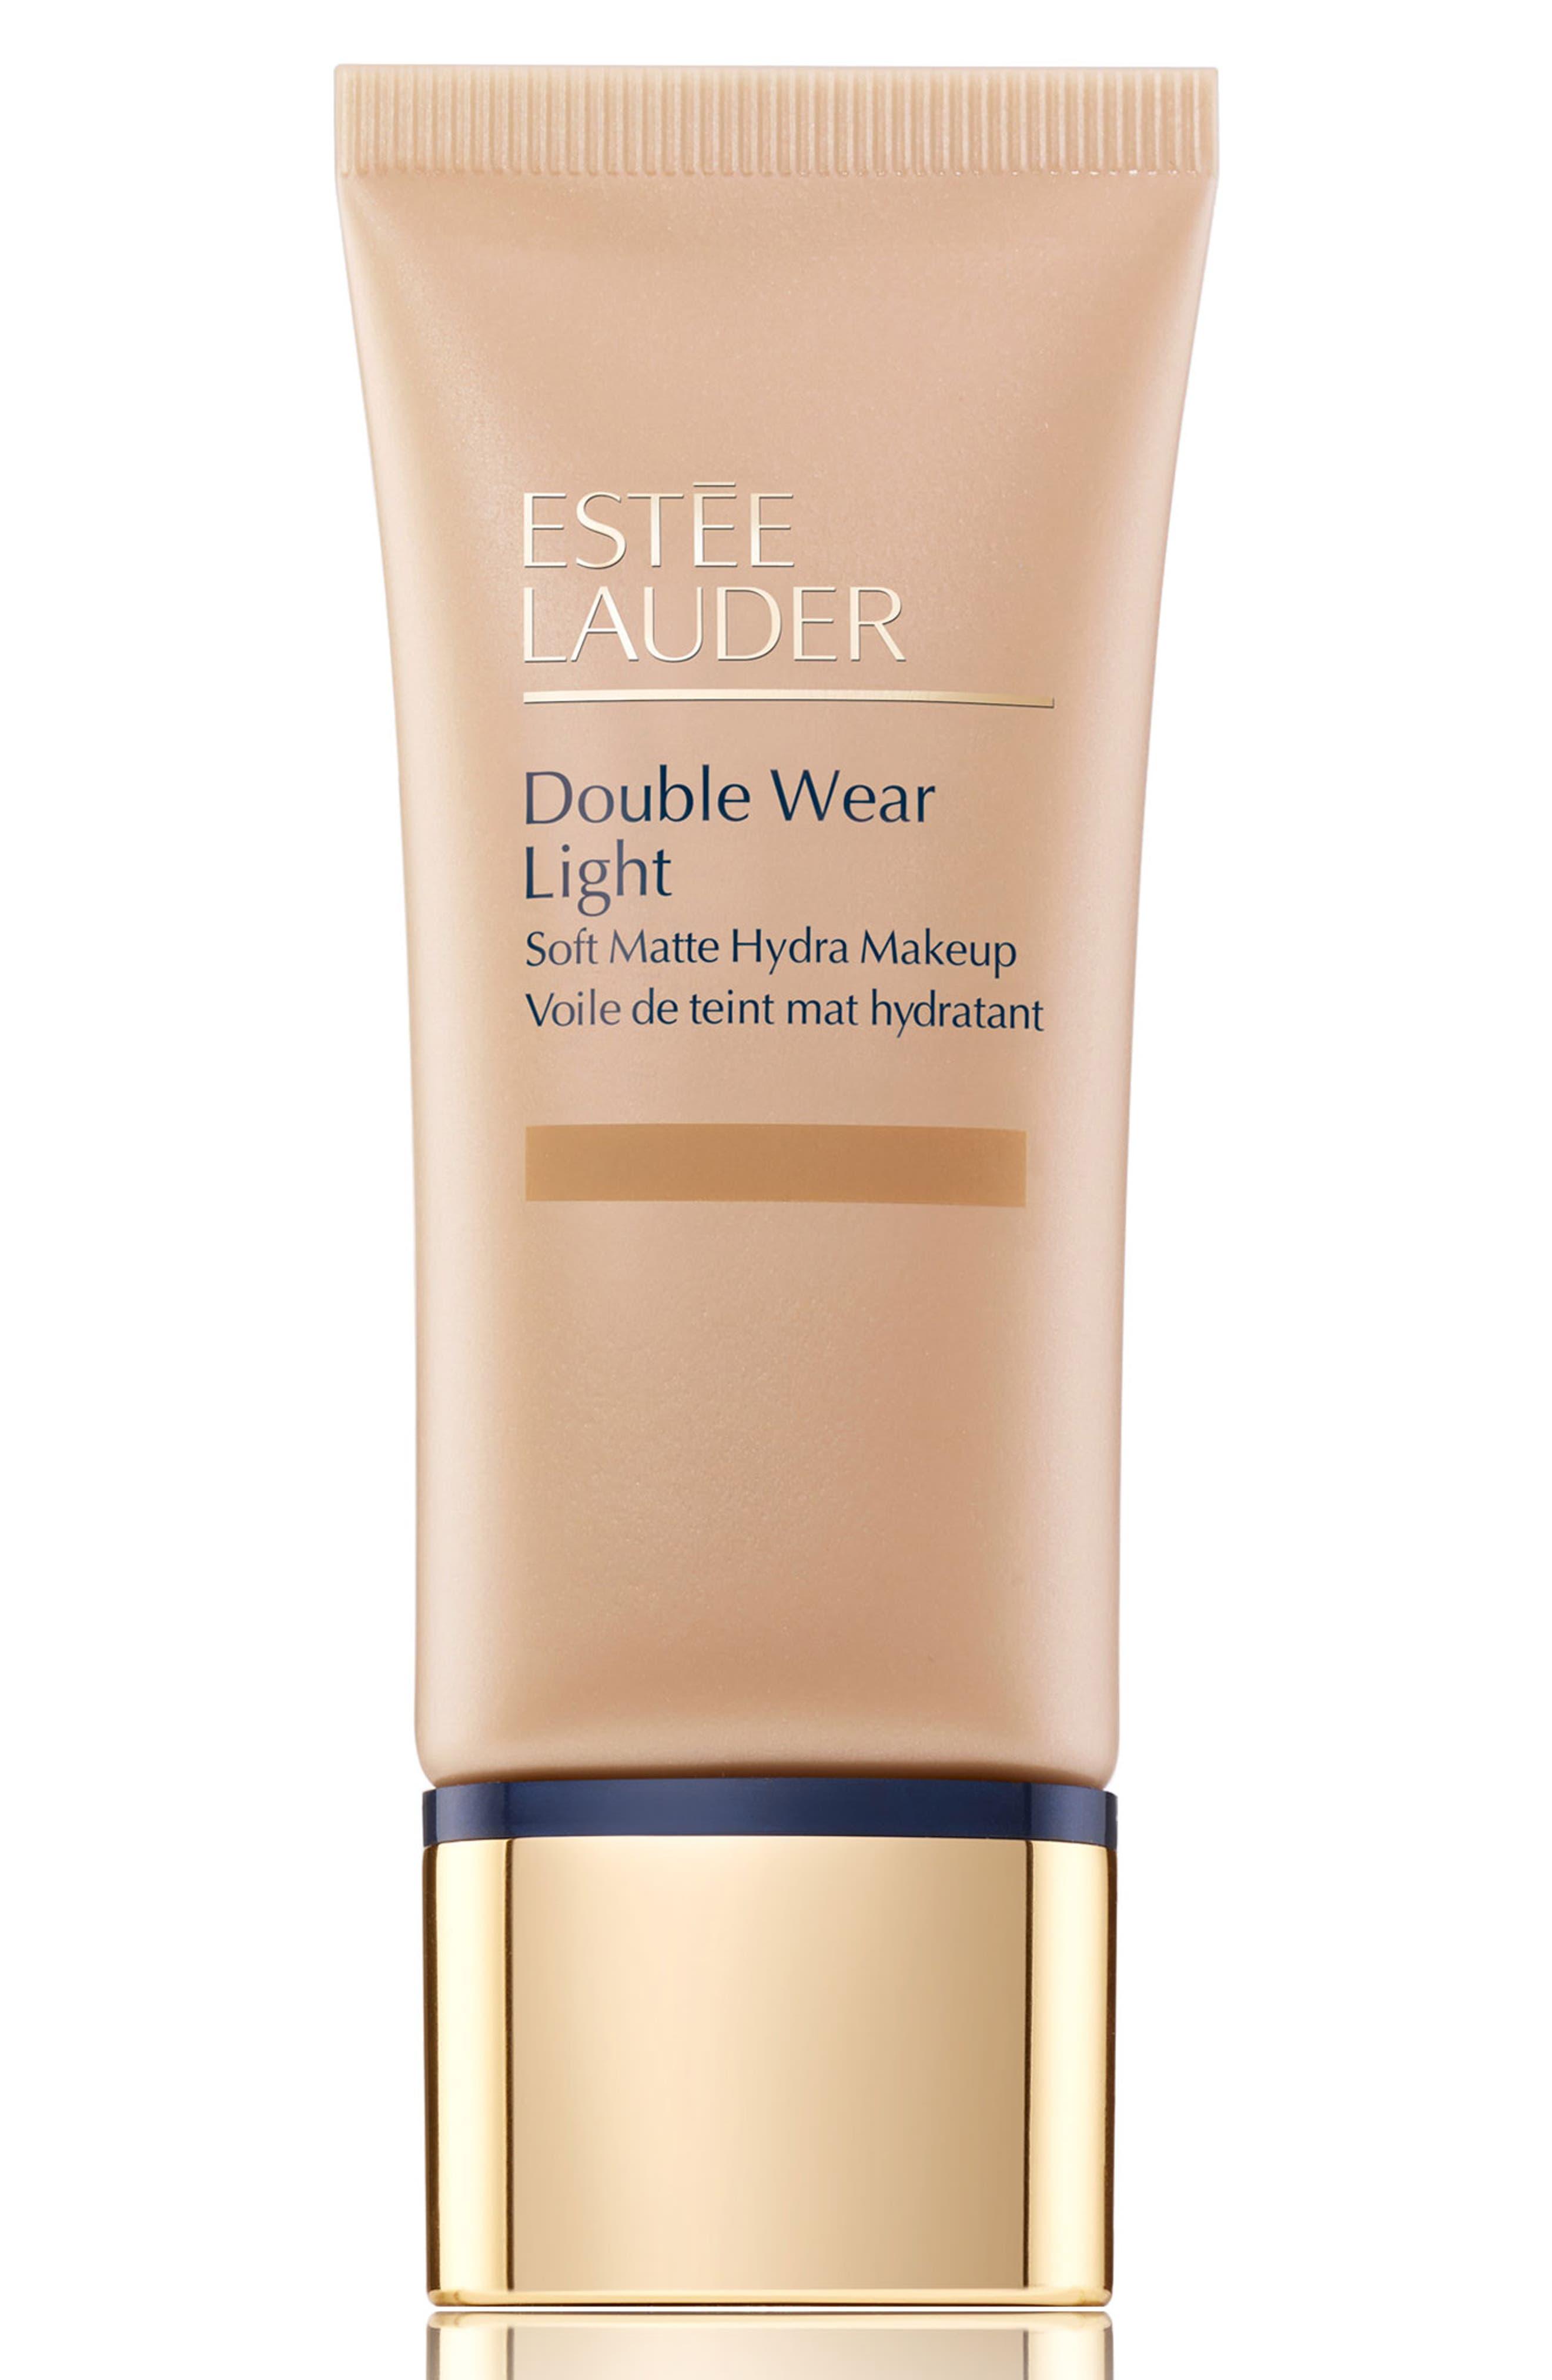 Estee Lauder Double Wear Light Soft Matte Hydra Makeup - 4N1 Shell Beige